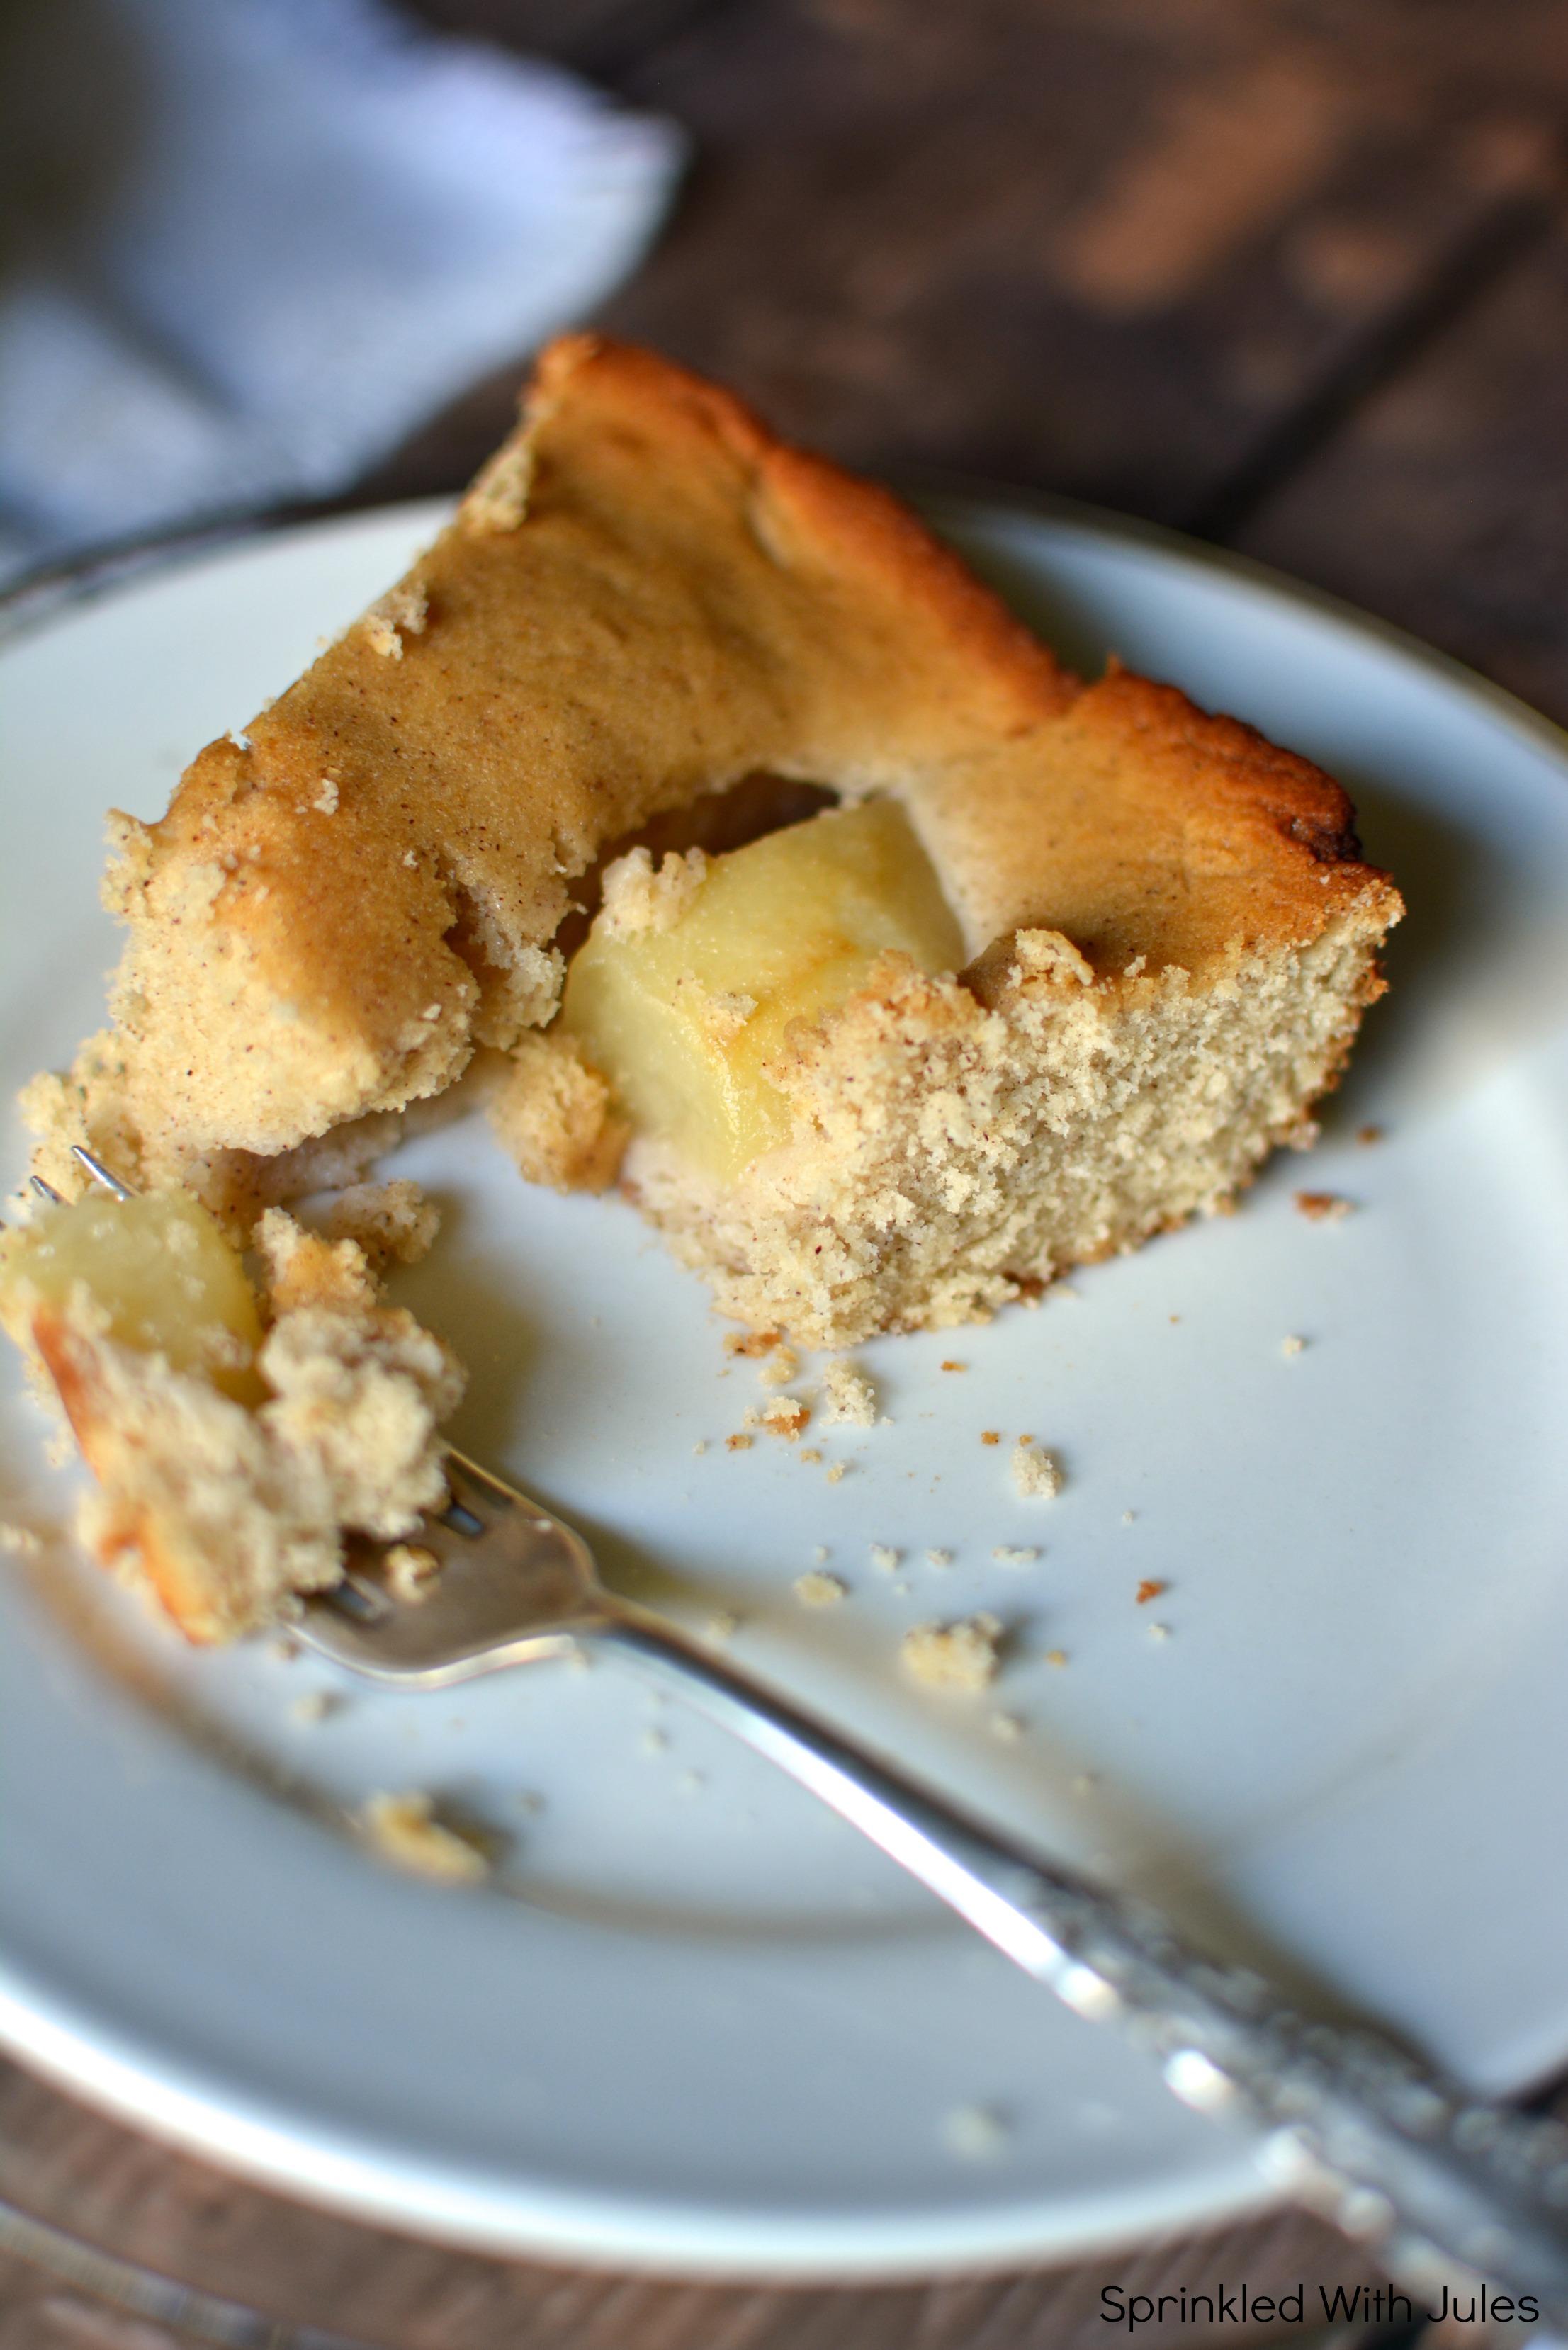 Skillet Cinnamon Pear Coffee Cake / Sprinkled With Jules